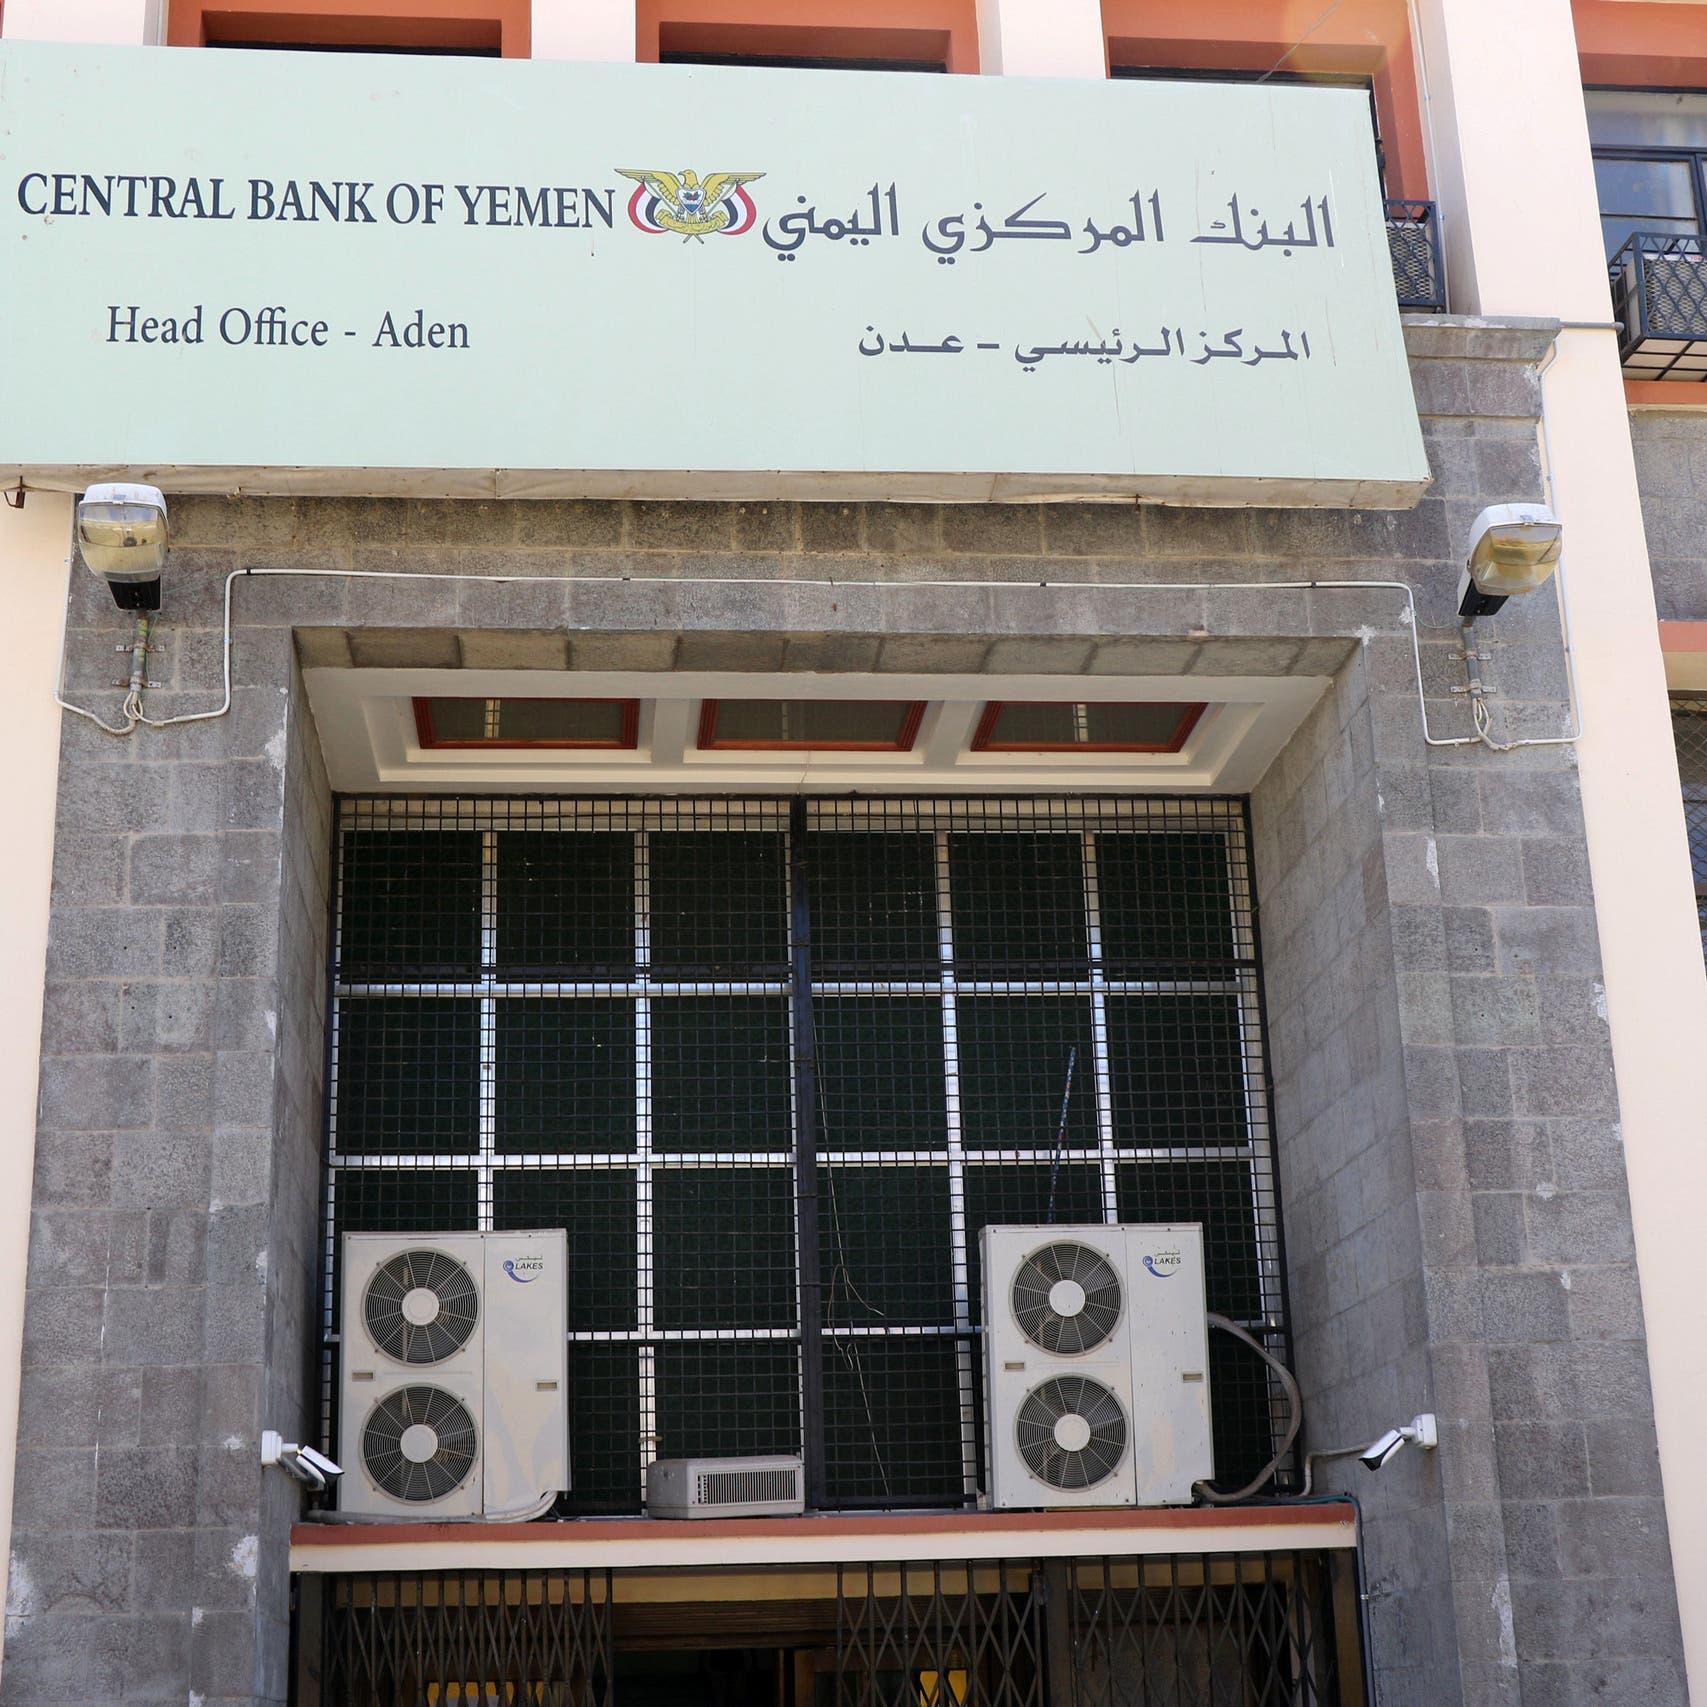 البنك المركزي اليمني يؤكد عدم قانونية تعليمات فرع صنعاء